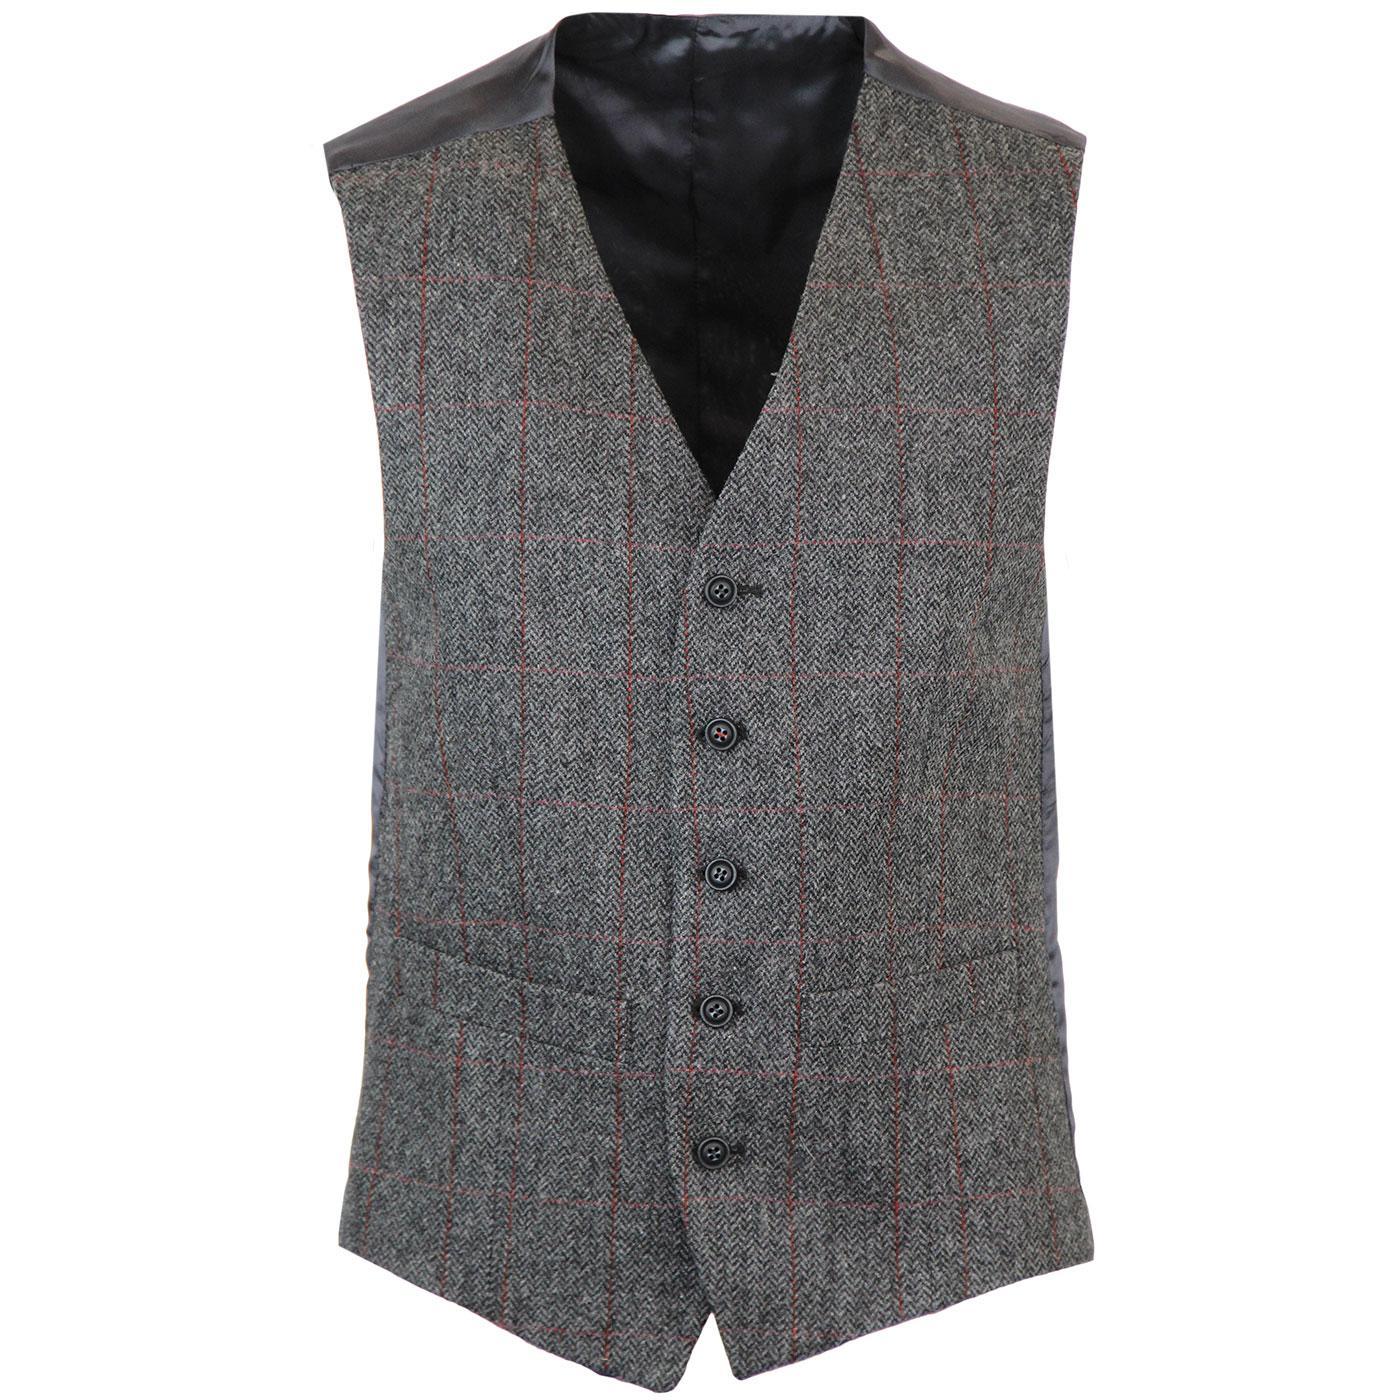 Retro Mod Windowpane Check V-Neck Waistcoat (Grey)